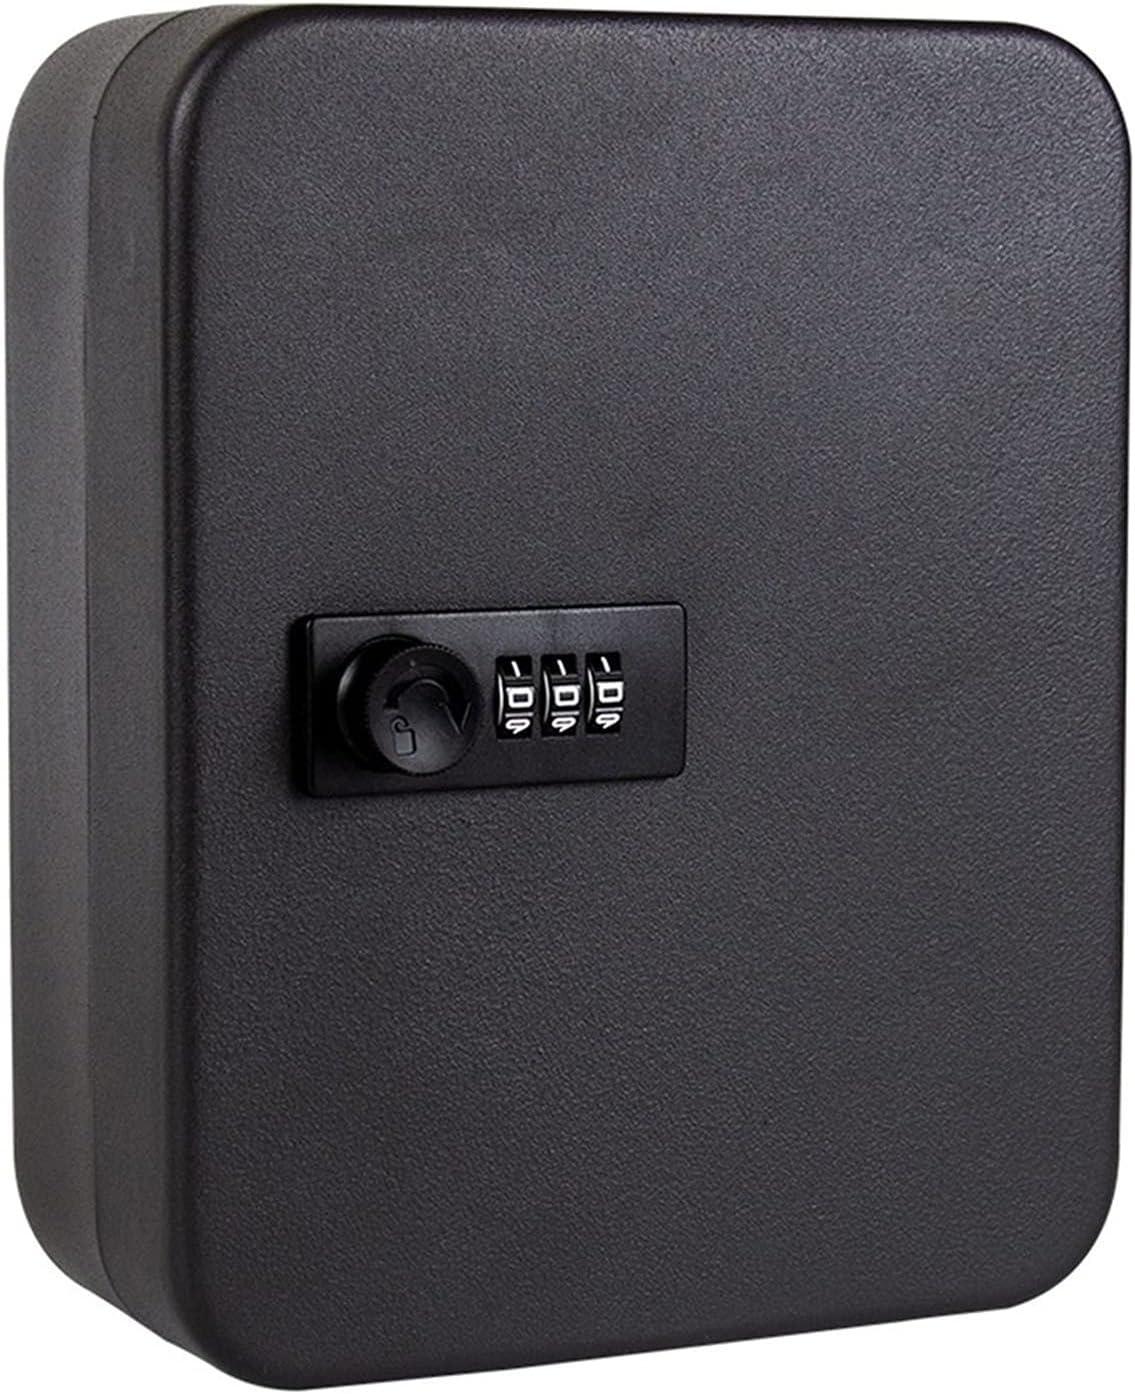 LICGHONG Key Cabinets 48 Max 66% OFF gift Keys Mounte Wall Boxes Lock Box